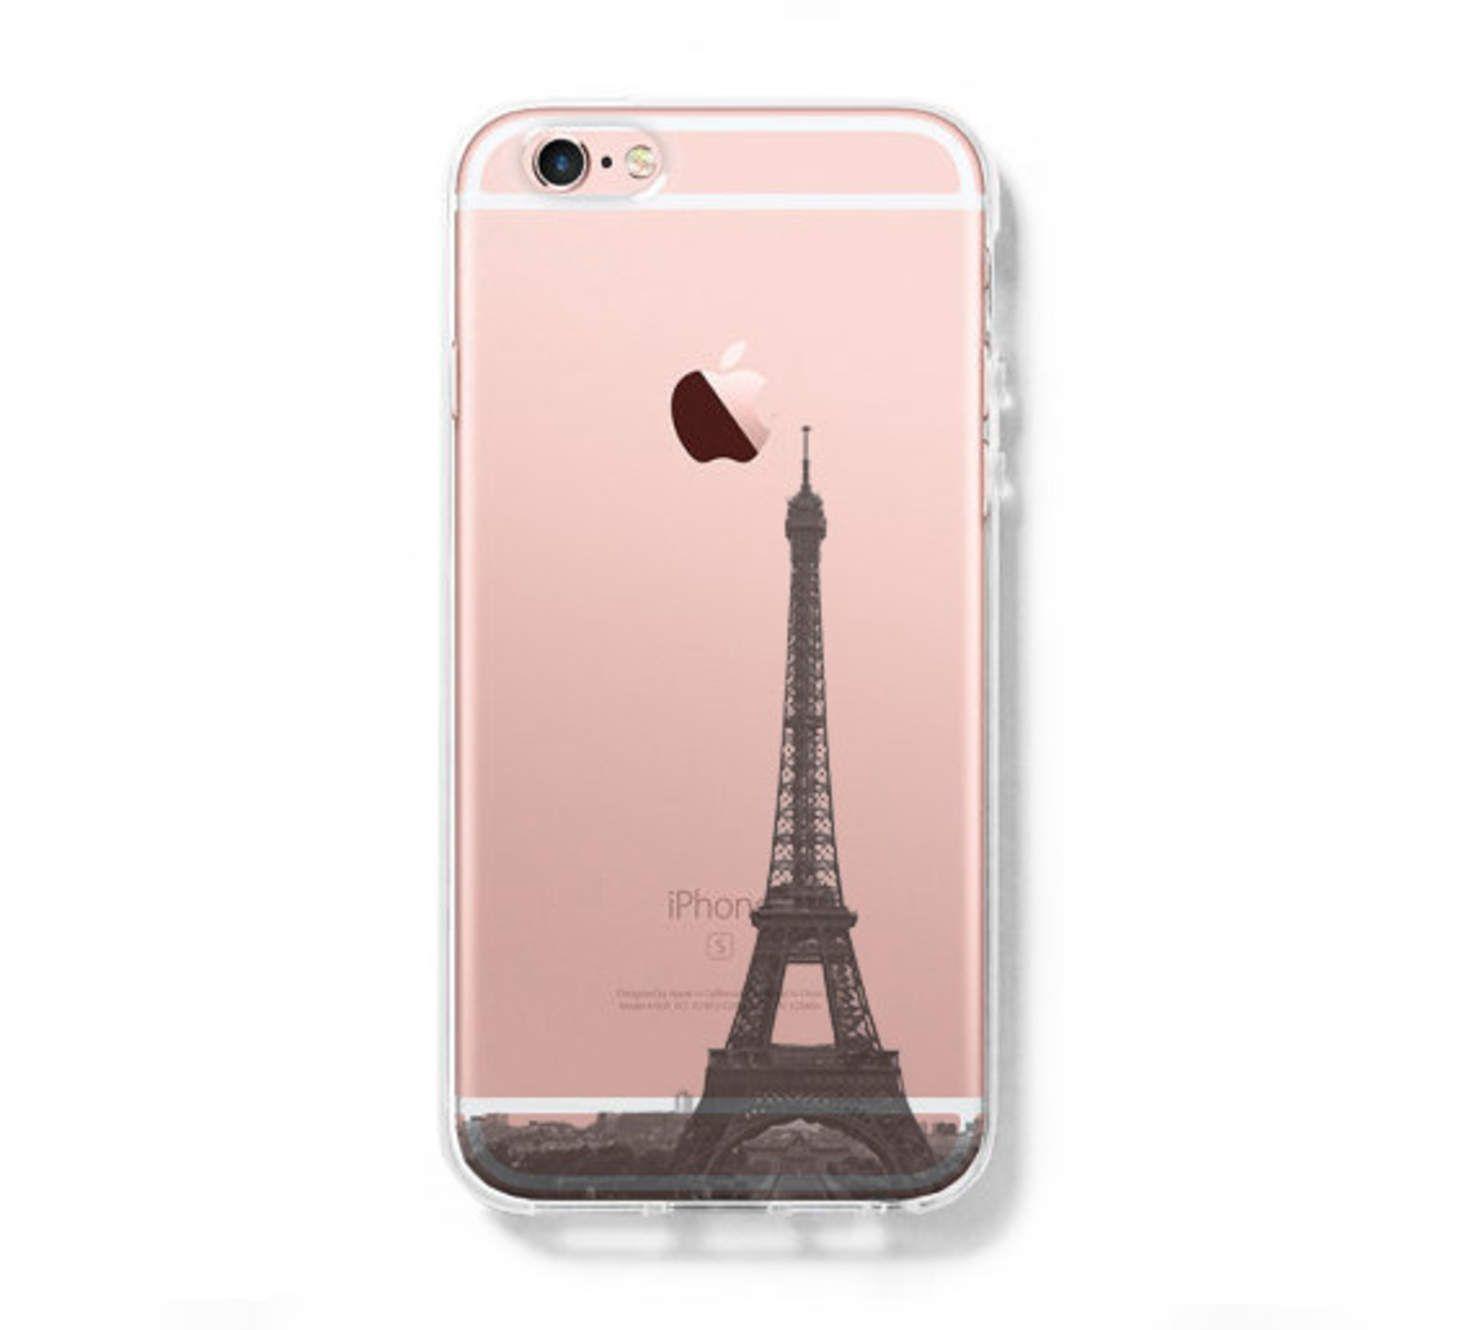 Paris en 2020 Accesorios para iphone Fundas moviles y Fundas